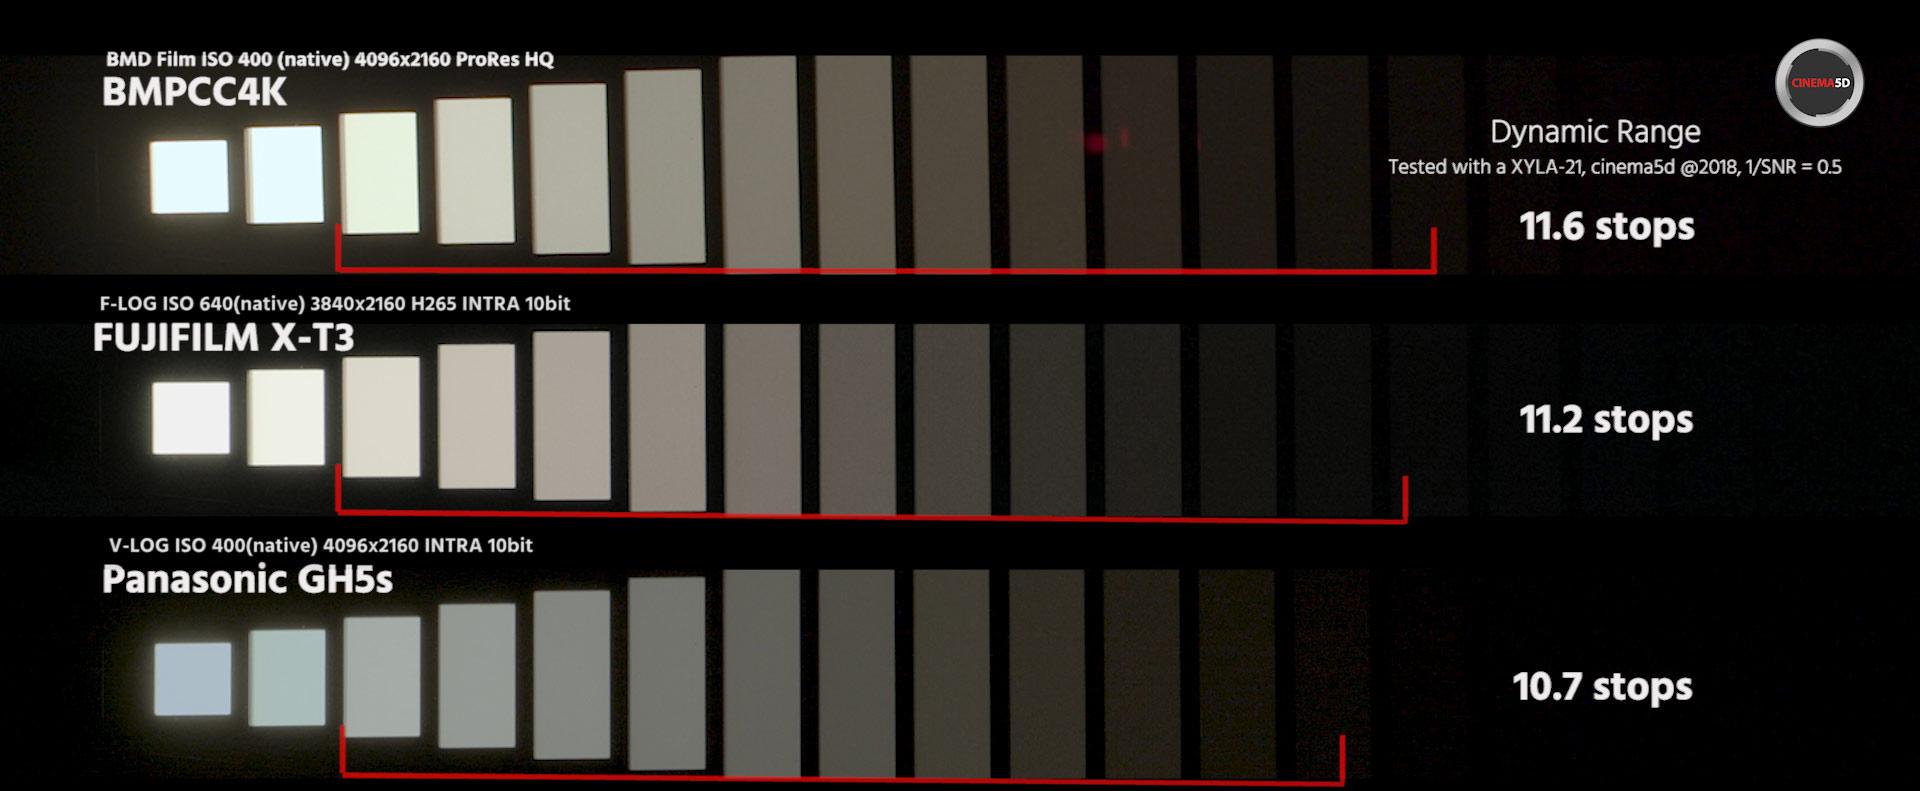 Blackmagic Pocket Cinema Camera 4K Hands-On Review | cinema5D